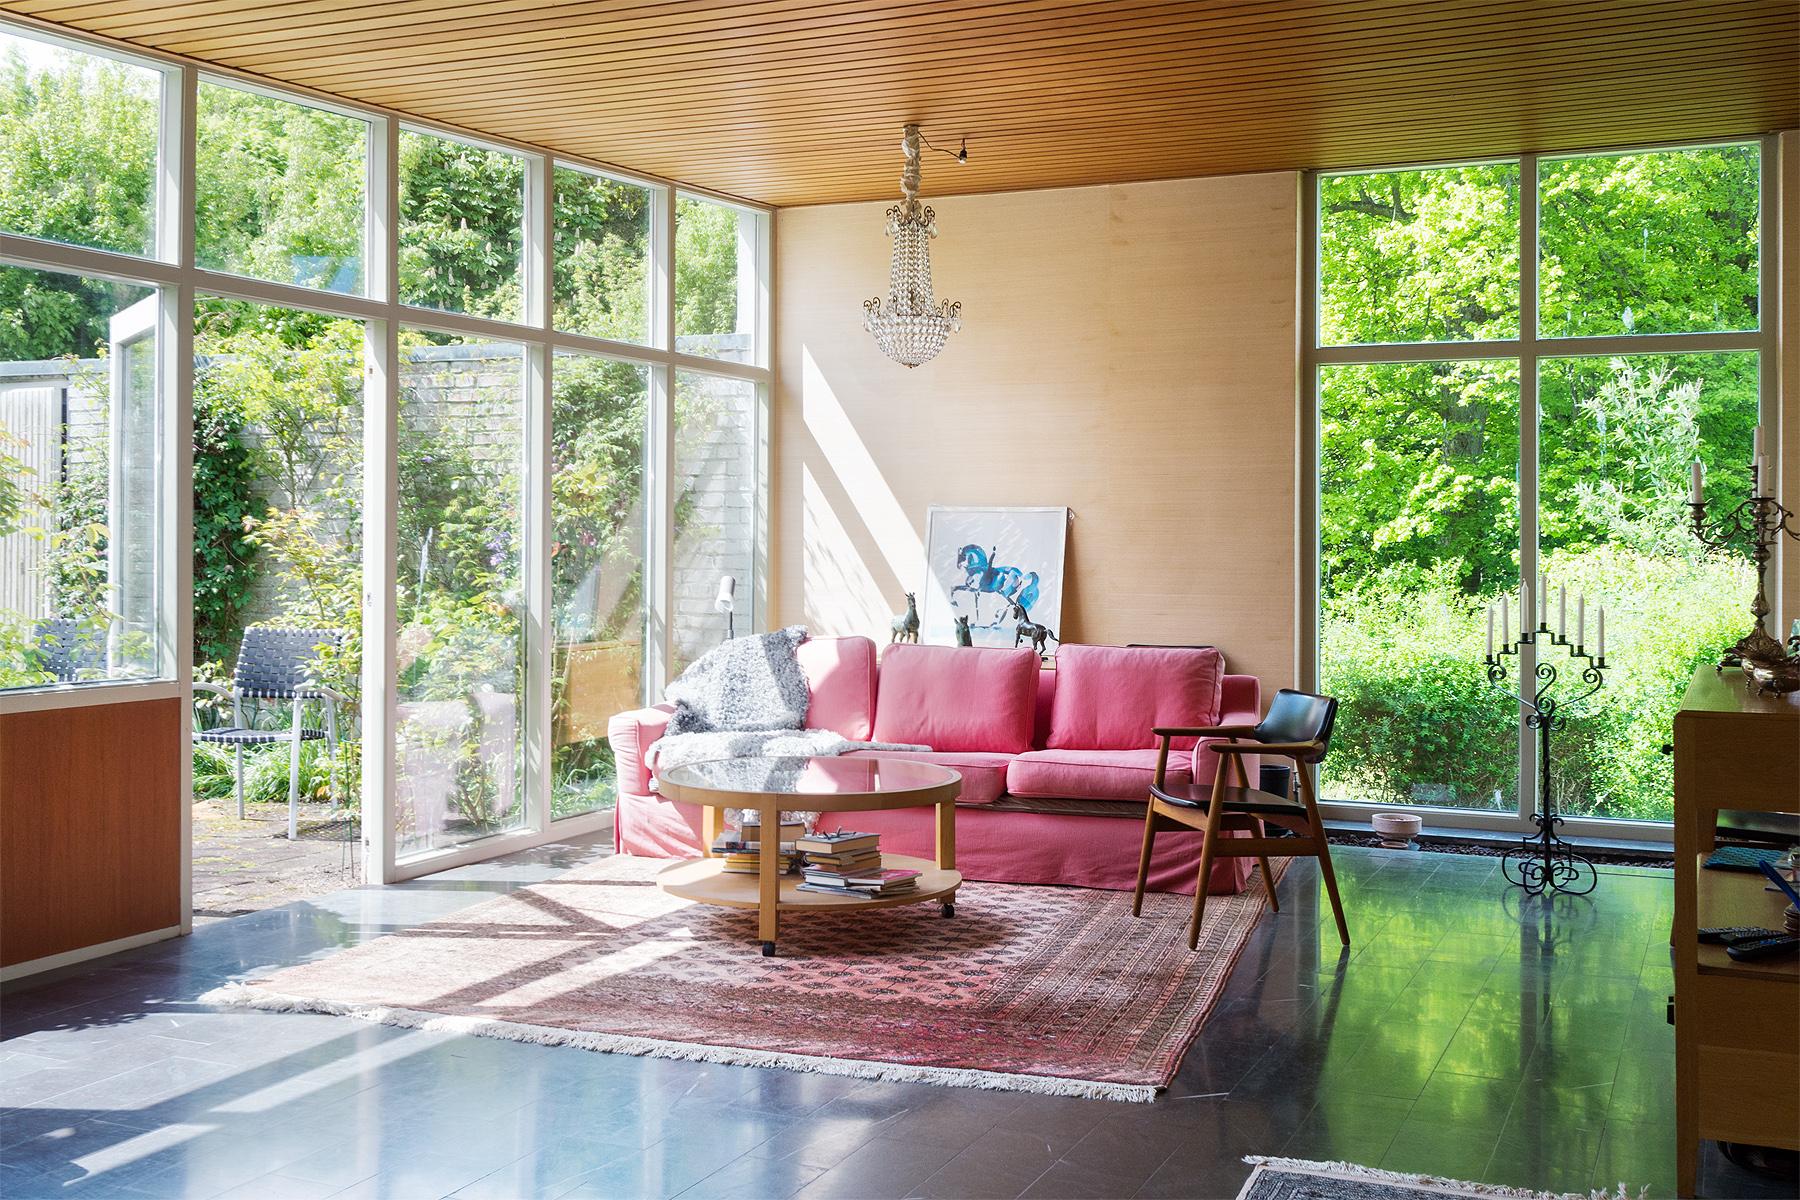 Property For Sale at Fjärdingslövs byaväg 96-0